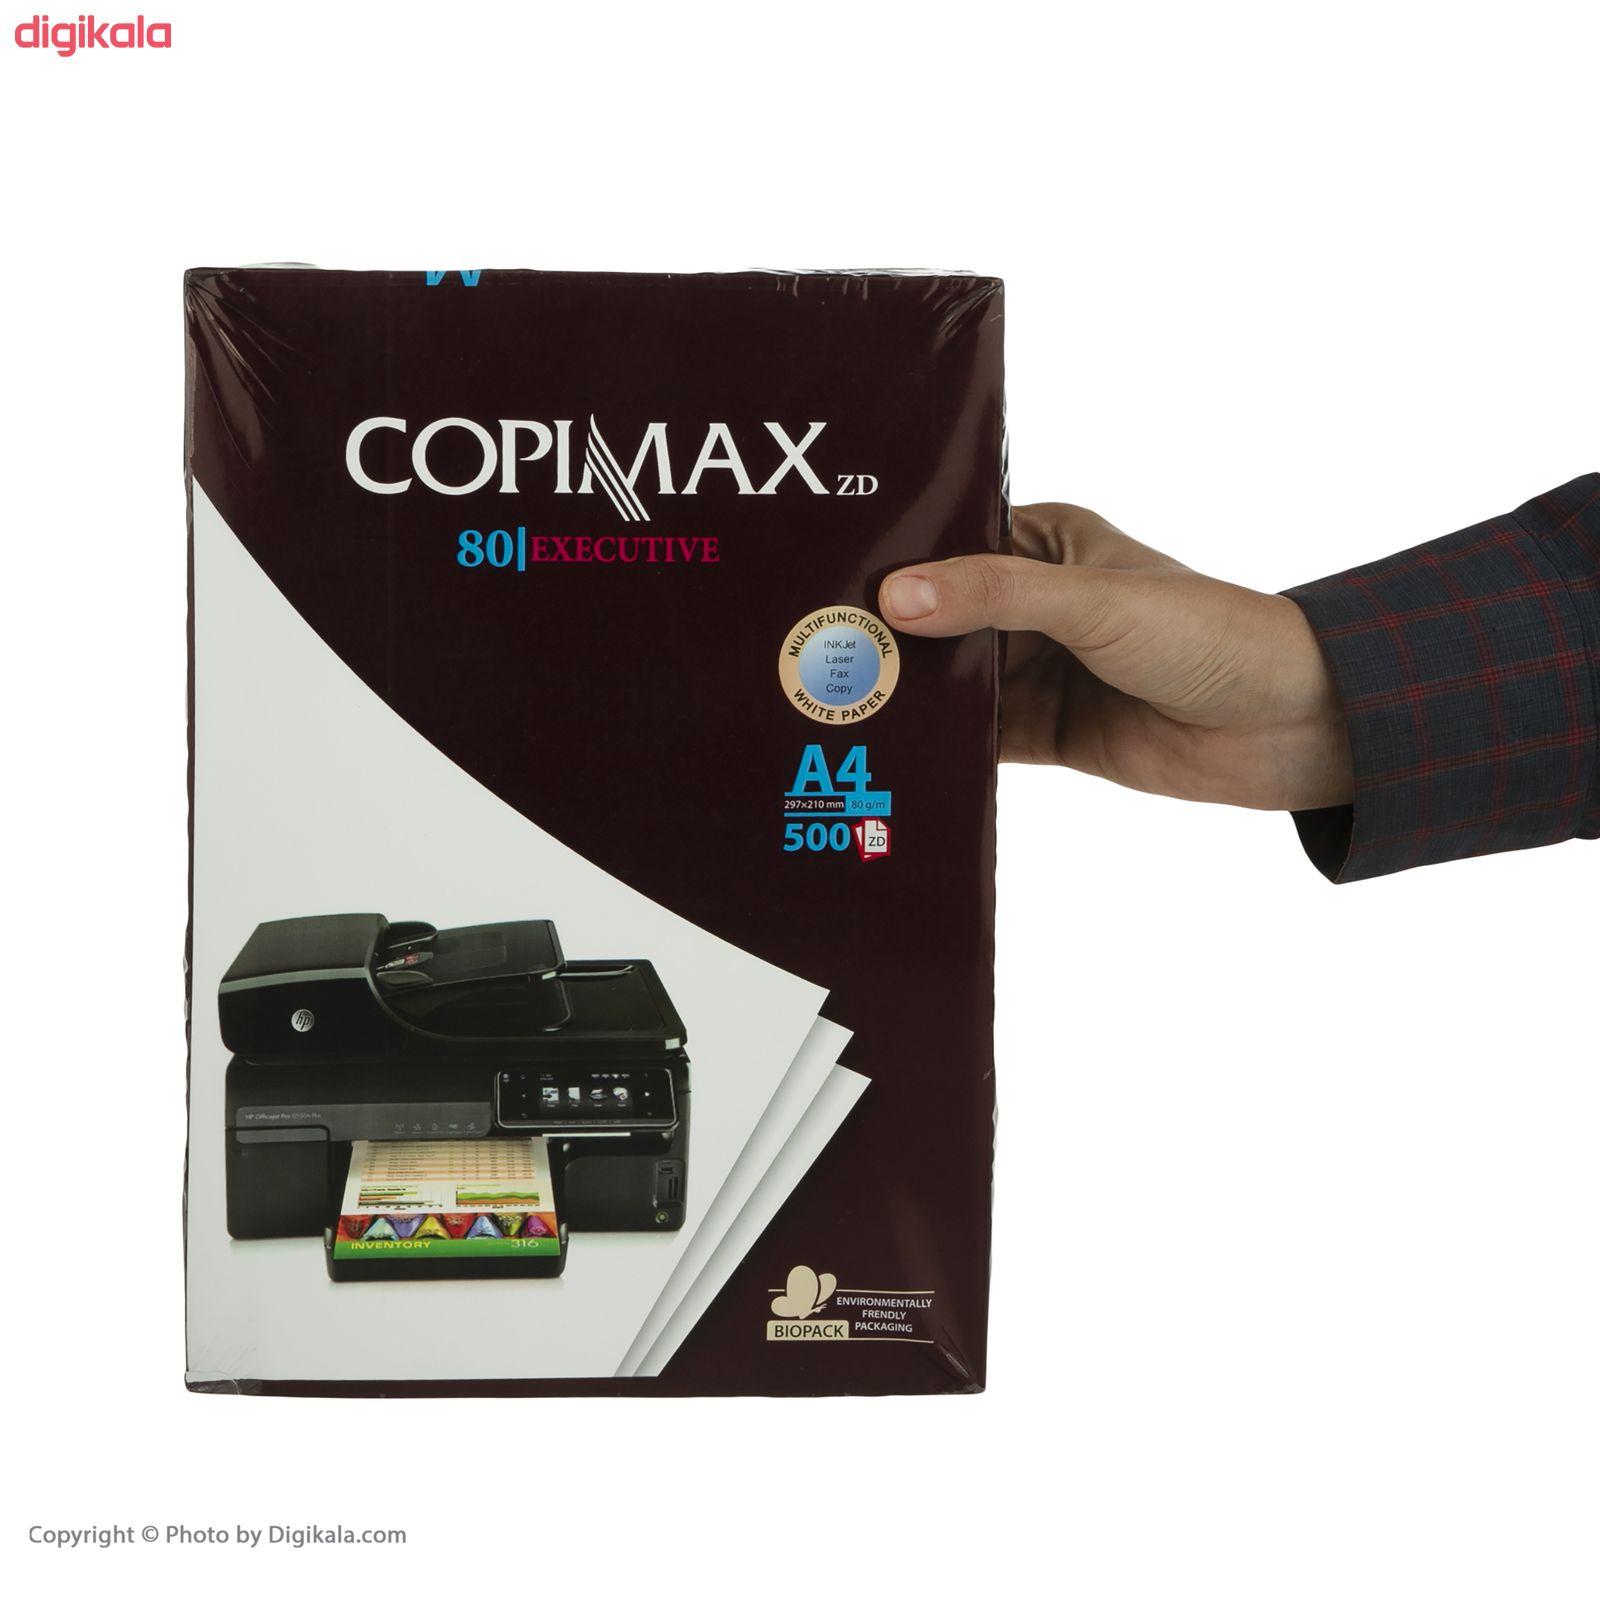 کاغذ کپی مکس سایز A4 بسته 500 عددی سایز 80 برگ main 1 7